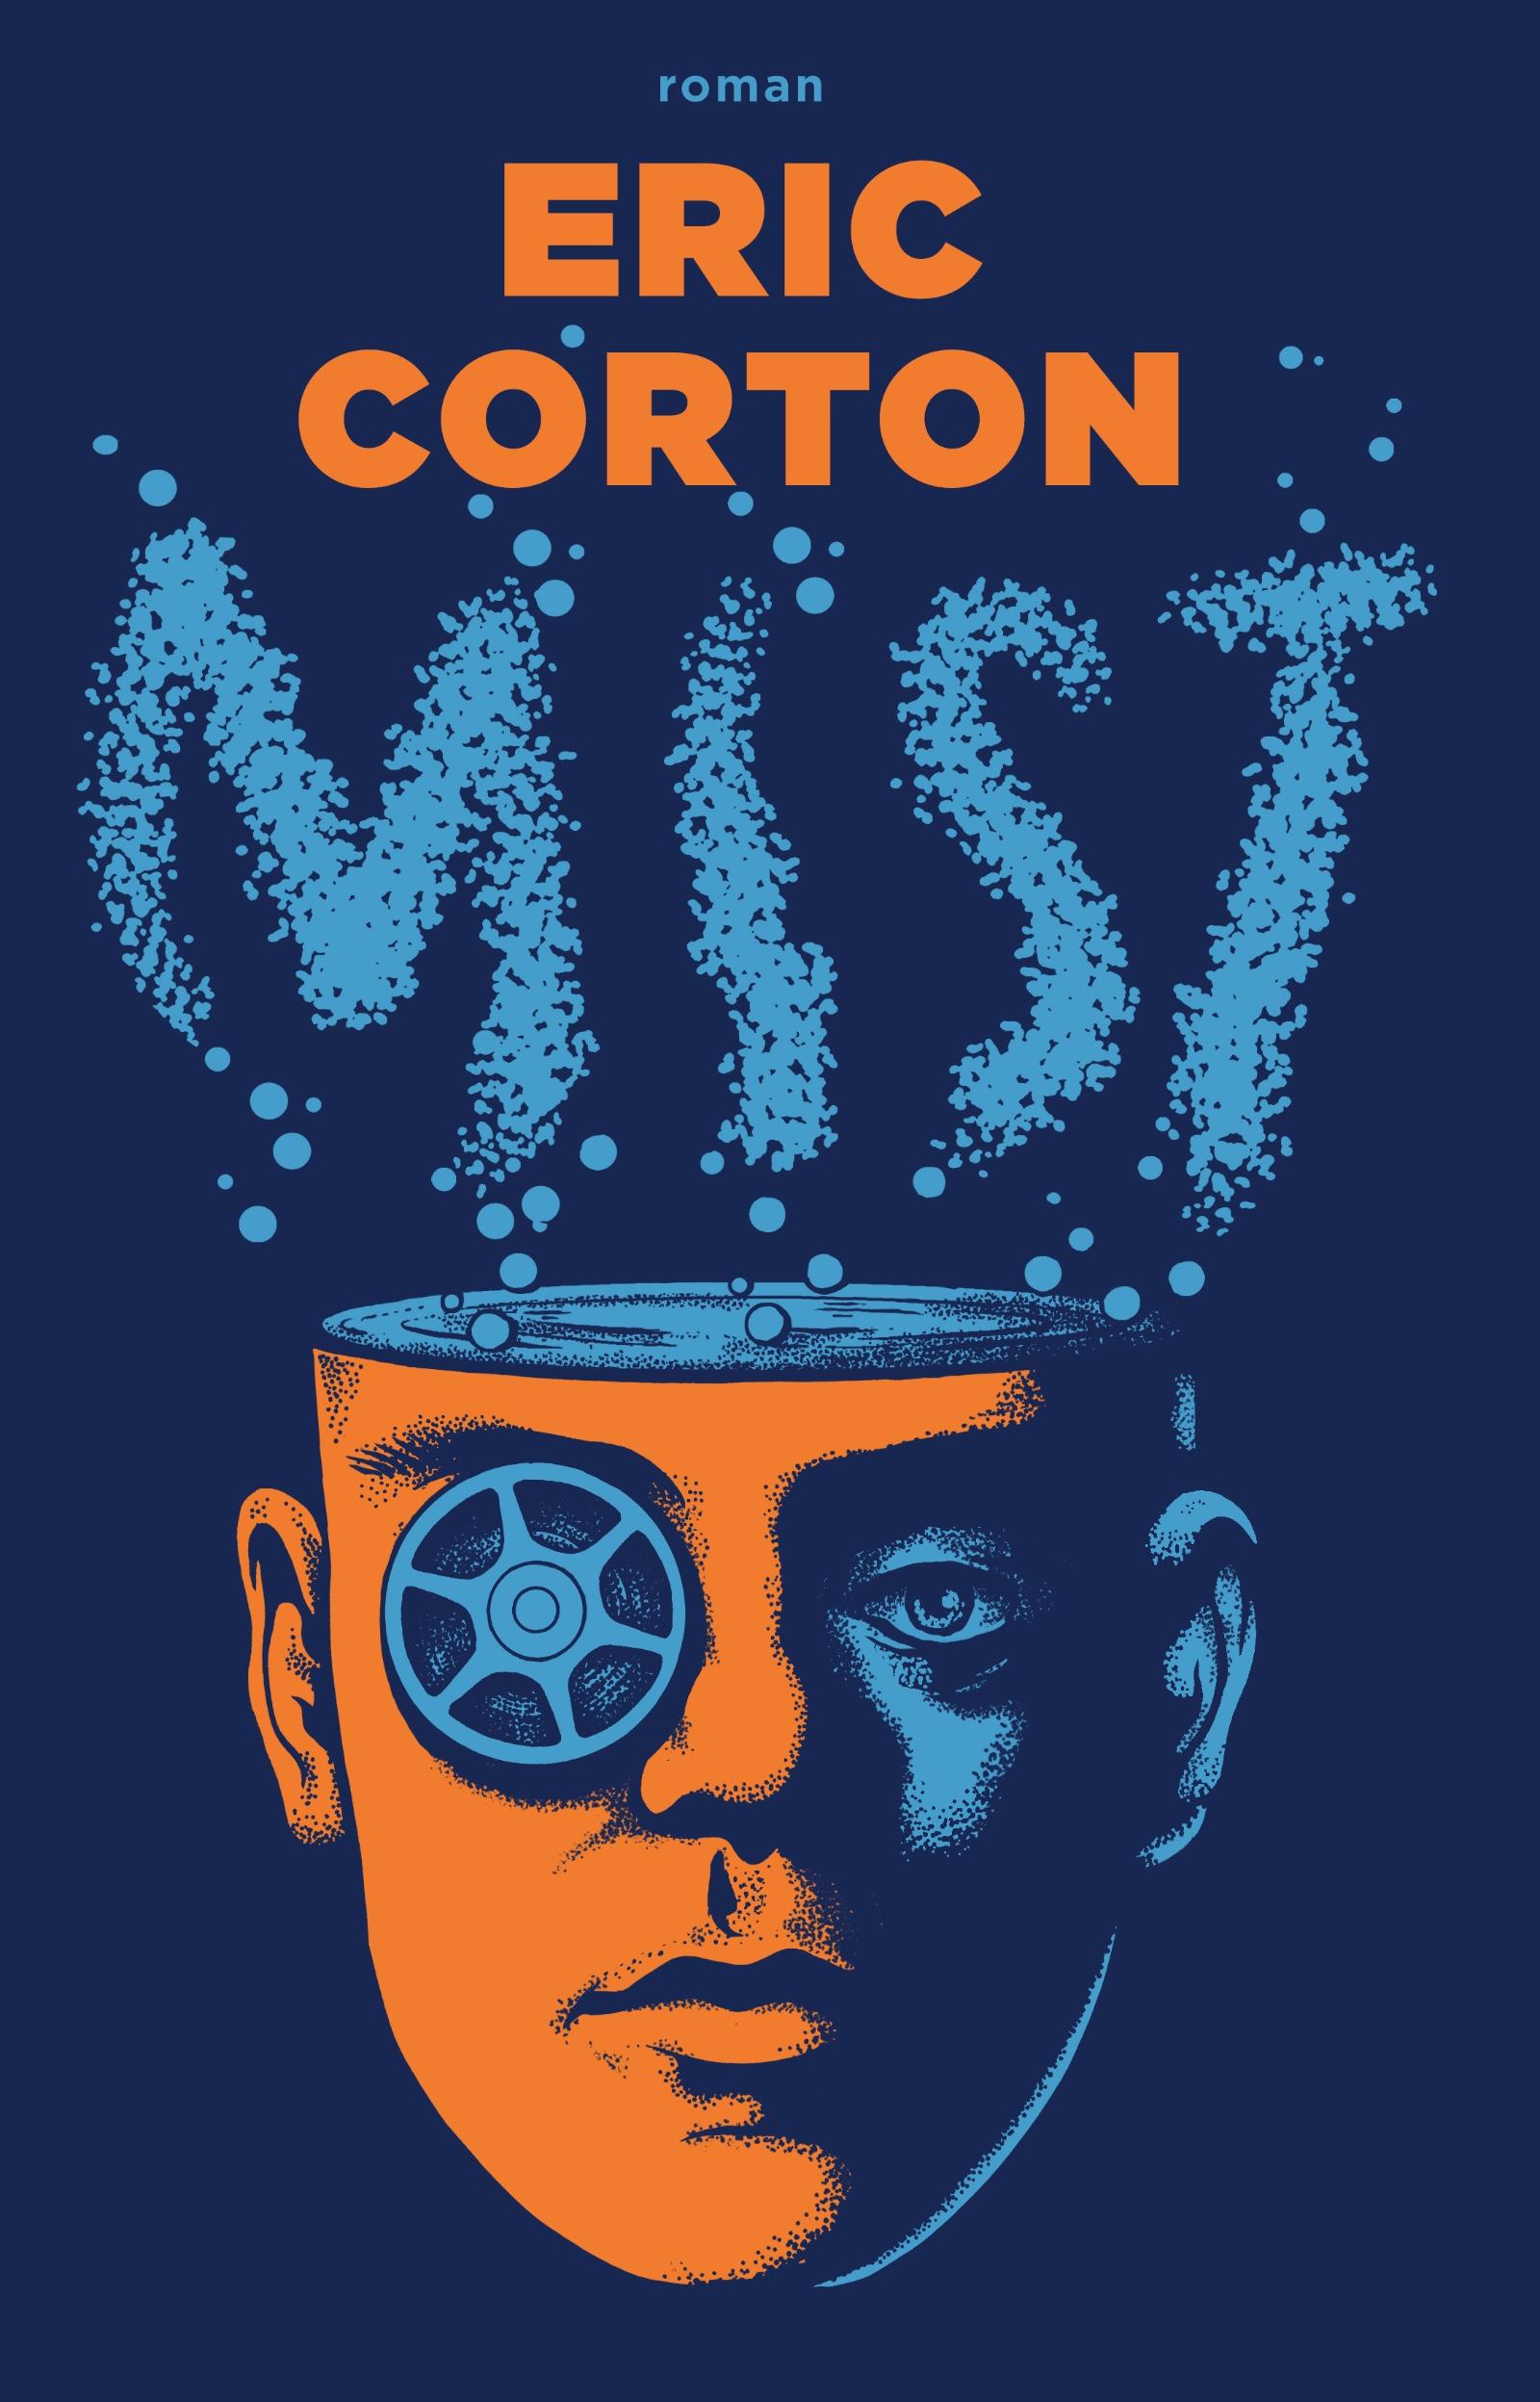 Mist - Eric Corton